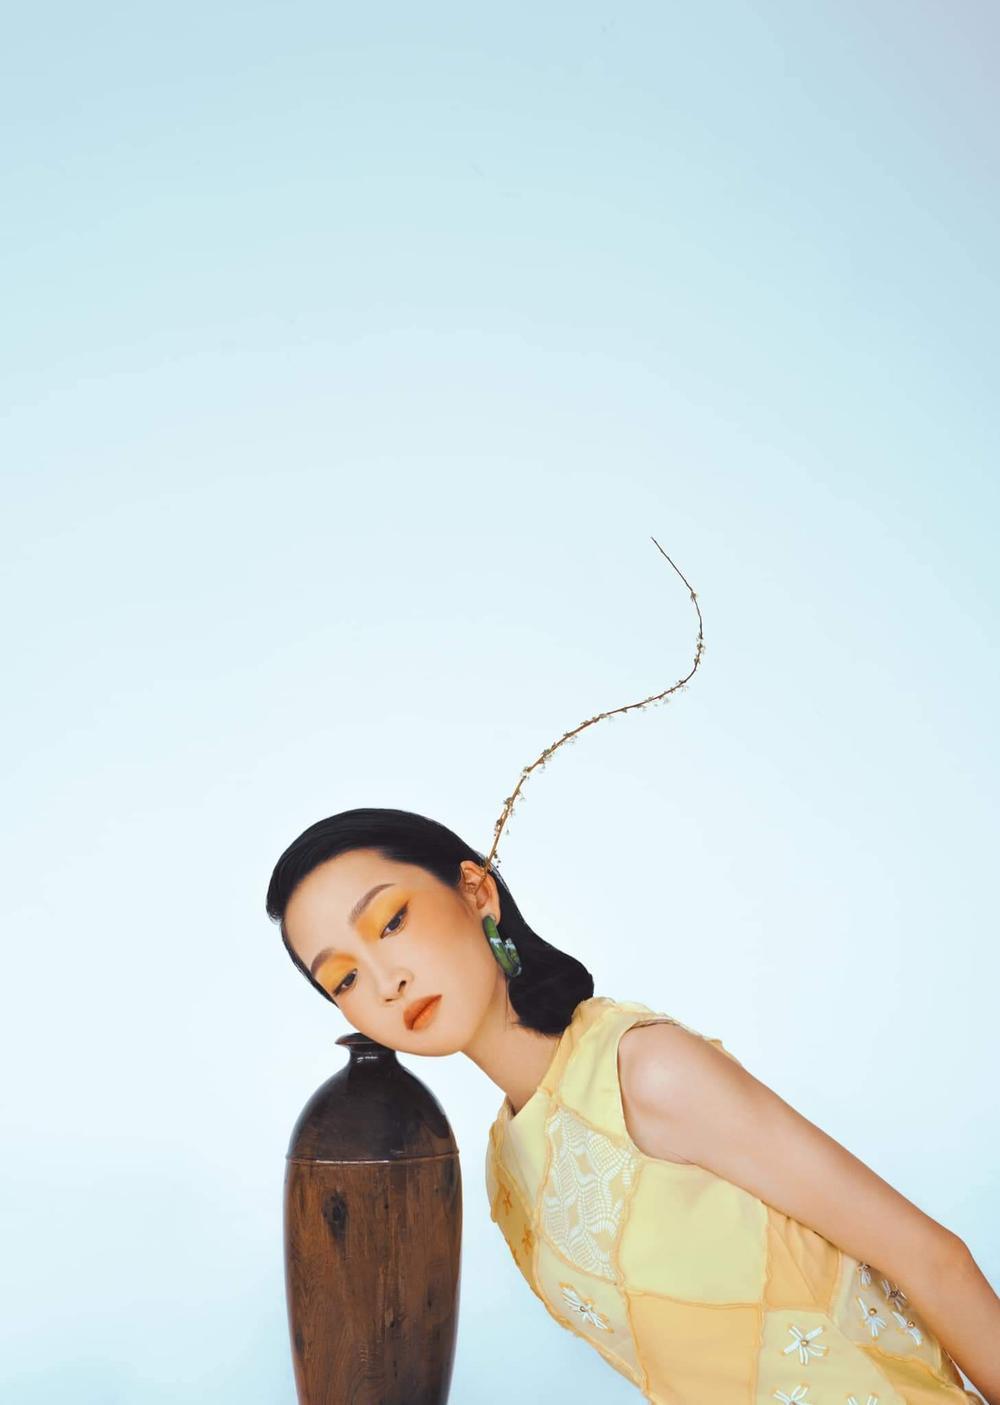 Juky San hoá nàng thơ tao nhã, đẹp thoát tục mơ màng giữa tiết Xuân Ảnh 12